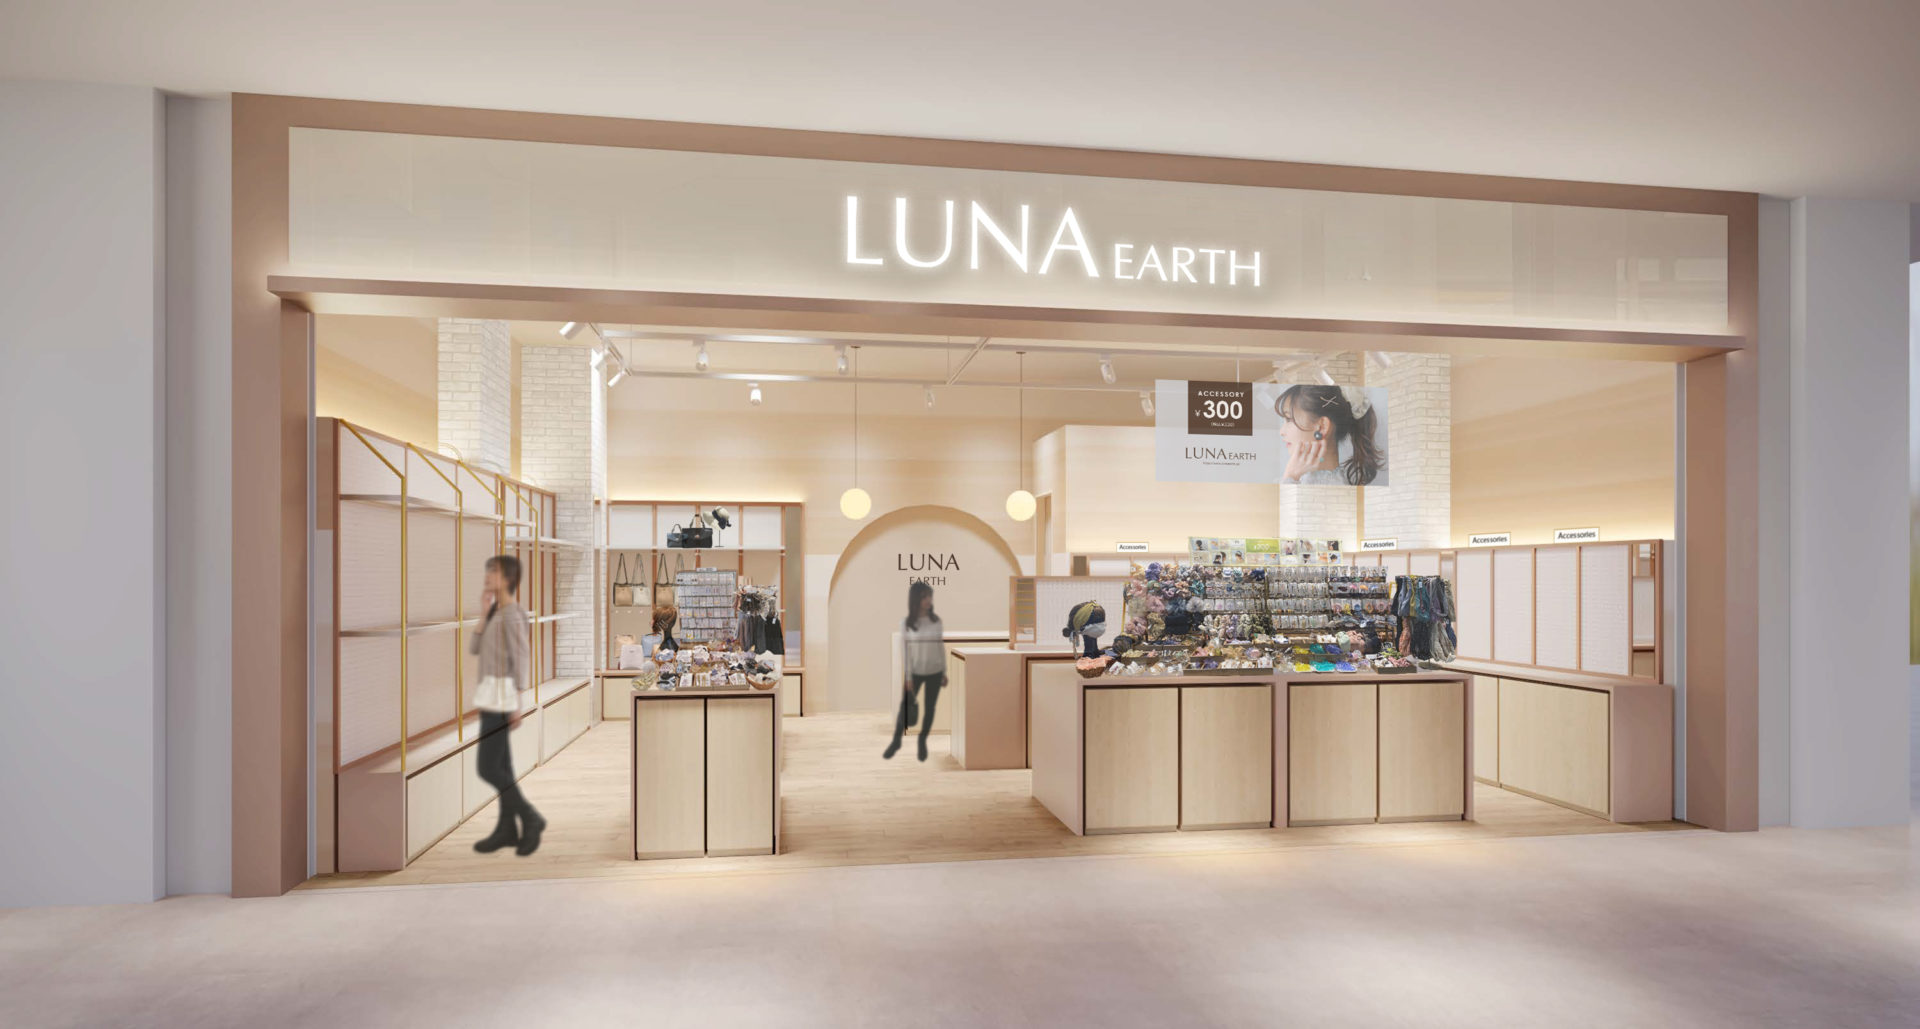 アクセサリーブランド「LUNA EARTH」が、9/3(金)に青森ELMにオープン!